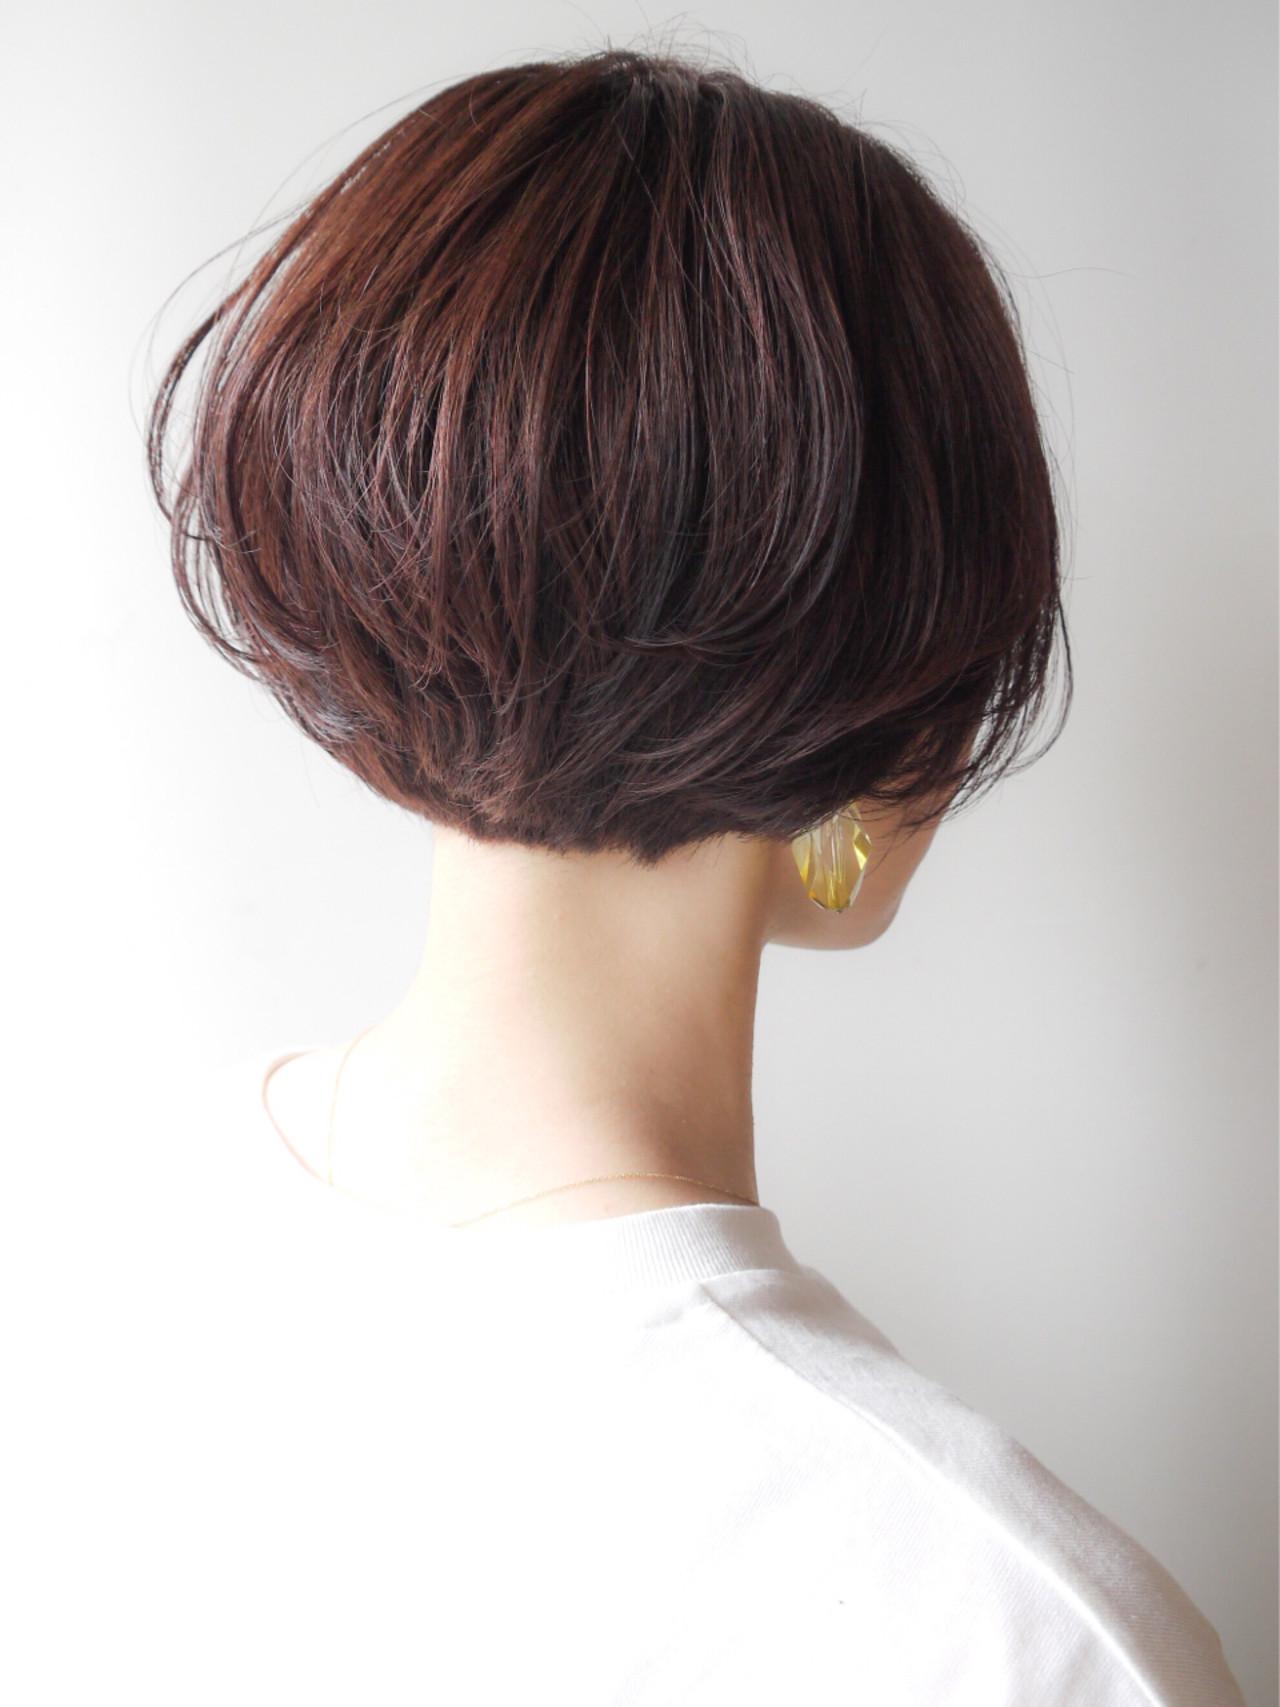 ショートボブ 愛され コンサバ オフィス ヘアスタイルや髪型の写真・画像 | HIROKI / roijir / roijir